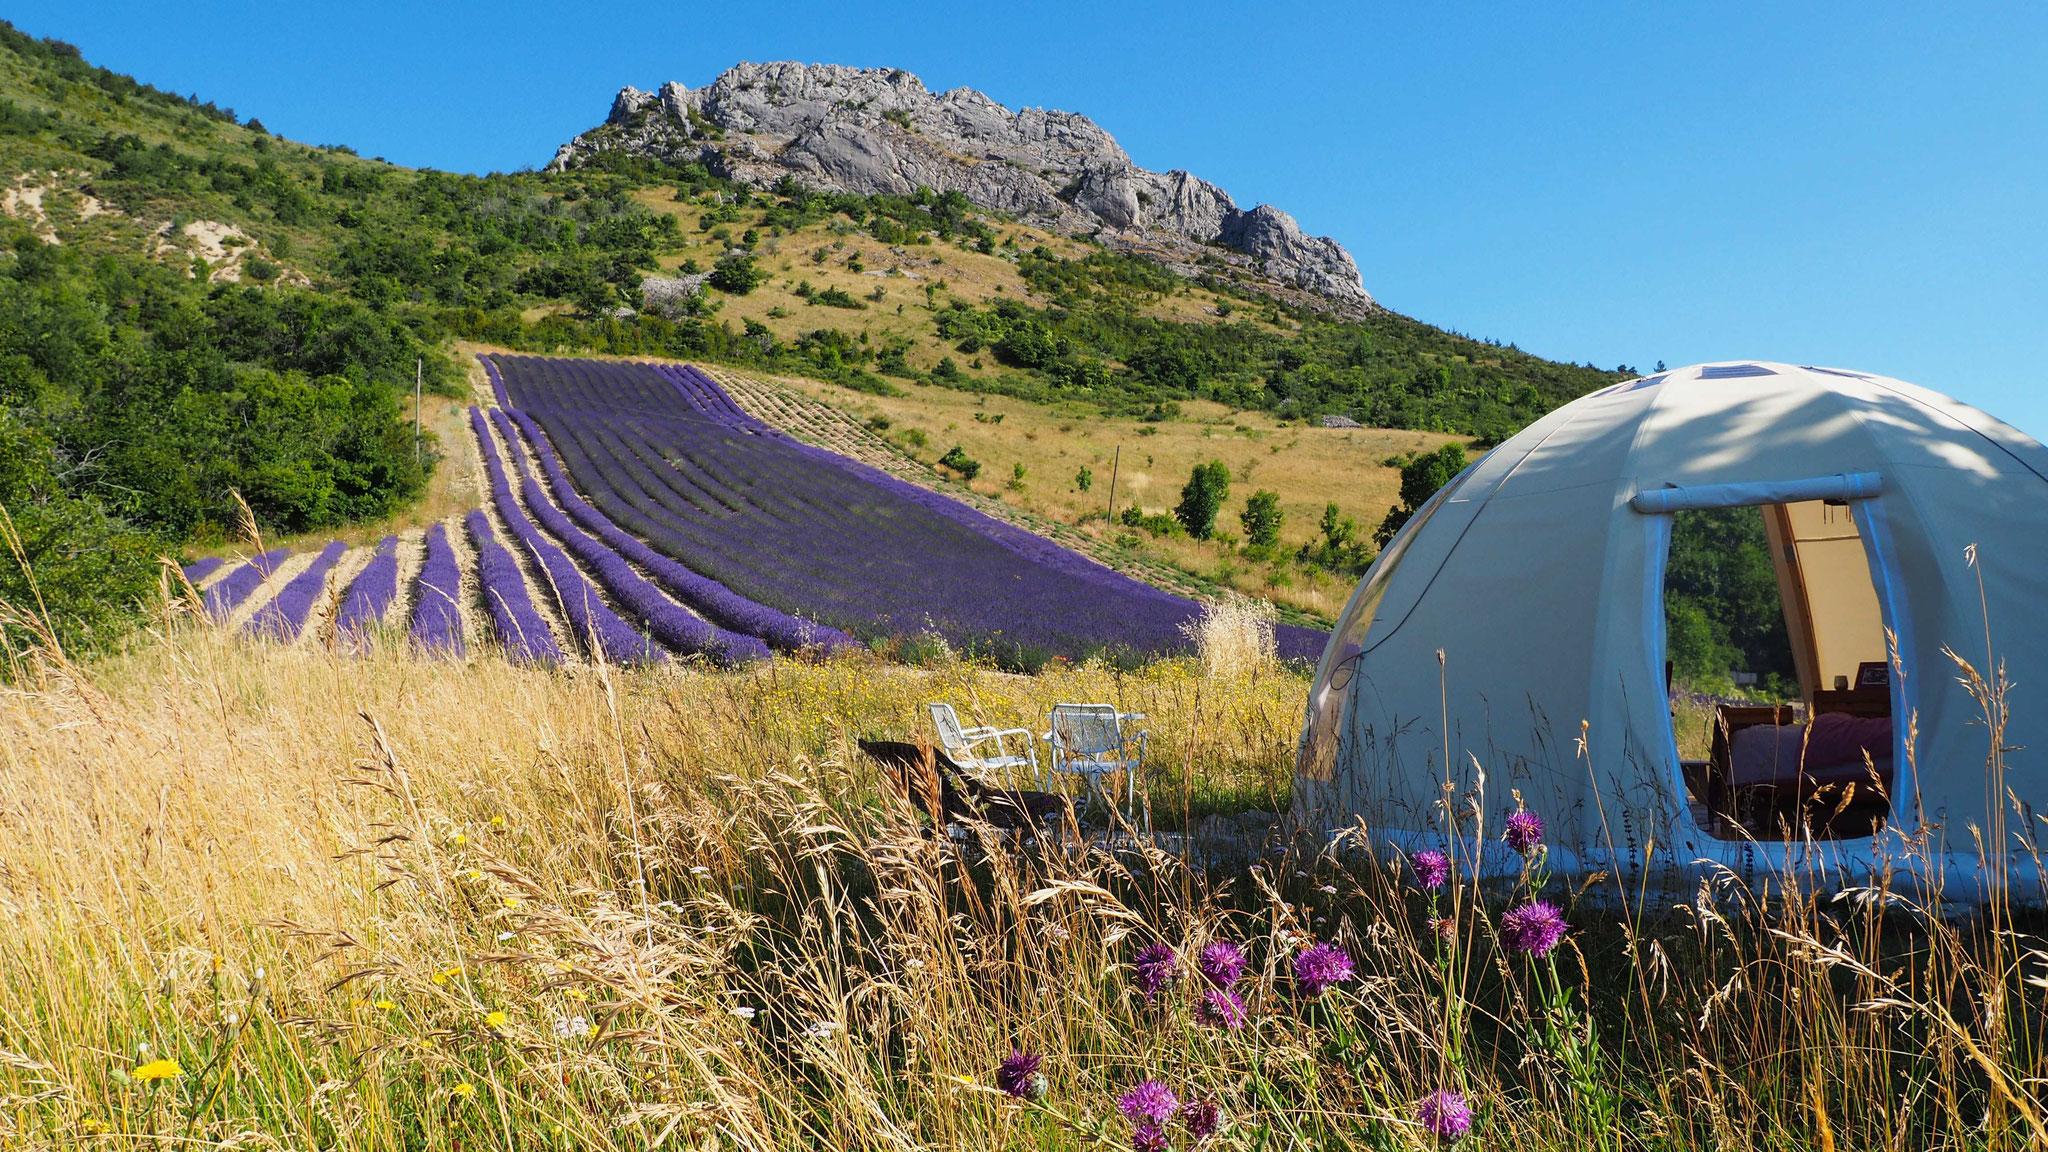 Le wigwam bulle lavande. Izon Nature : hébergements et table d'hôtes insolites et écoresponsables dans la Drôme provençale, trek dans la Méouge